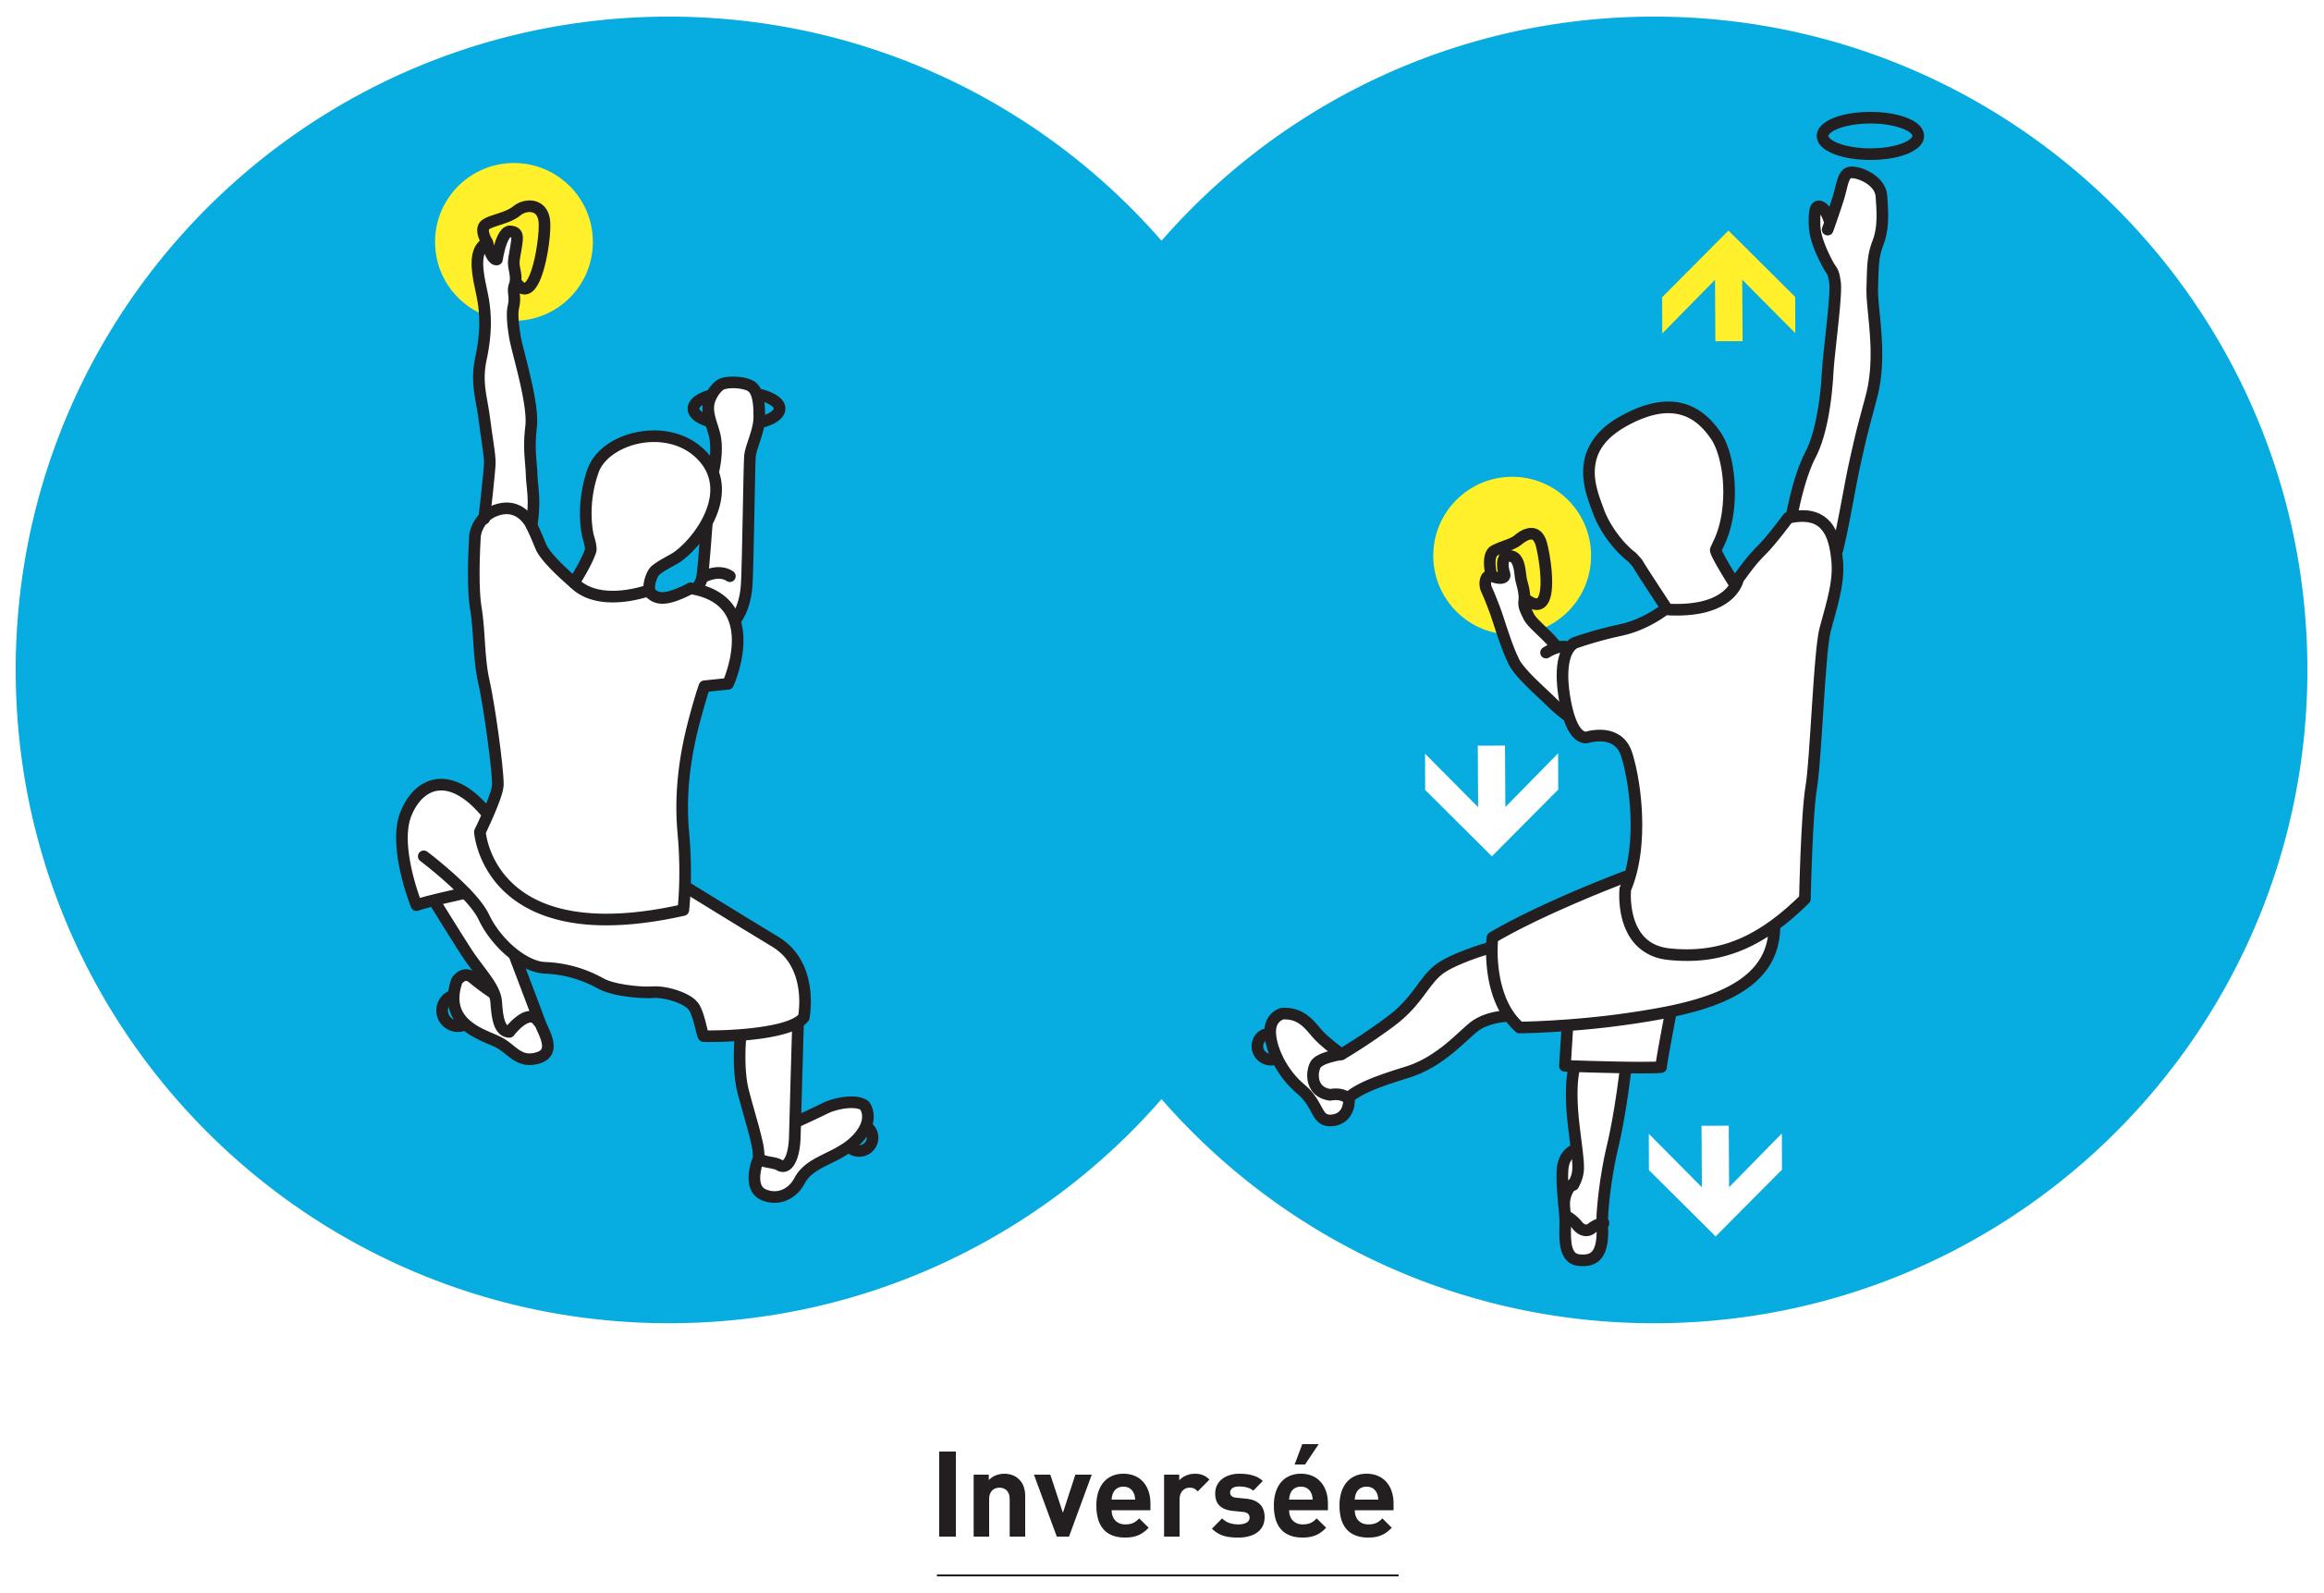 Inversee.jpg